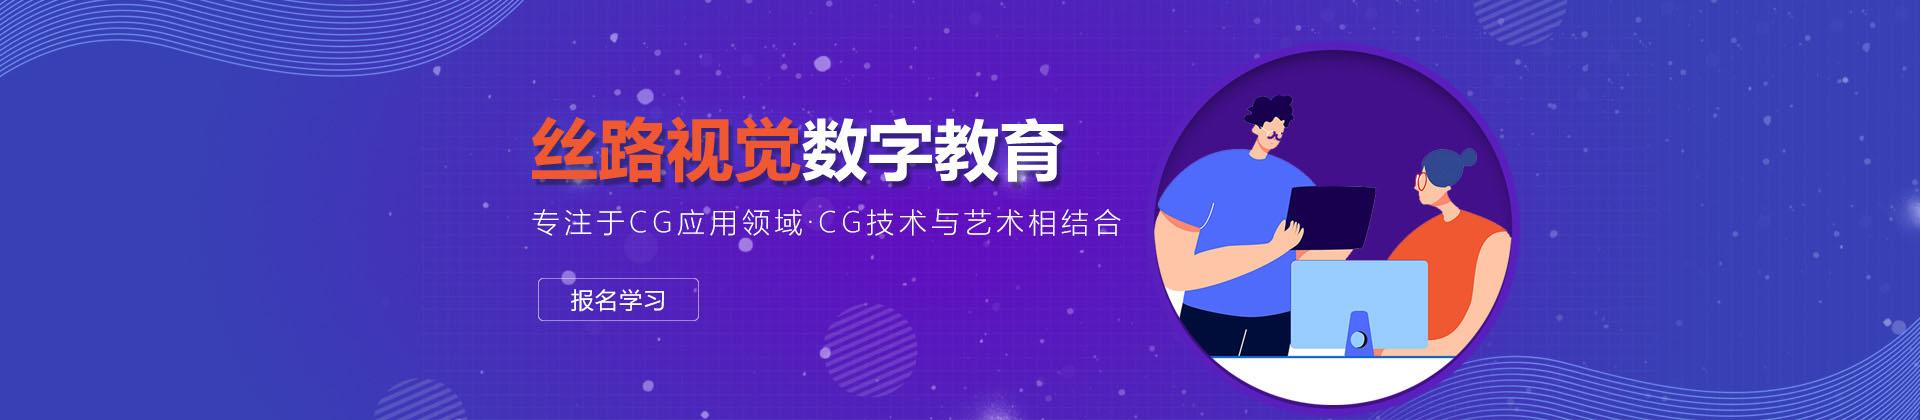 广州丝路教育